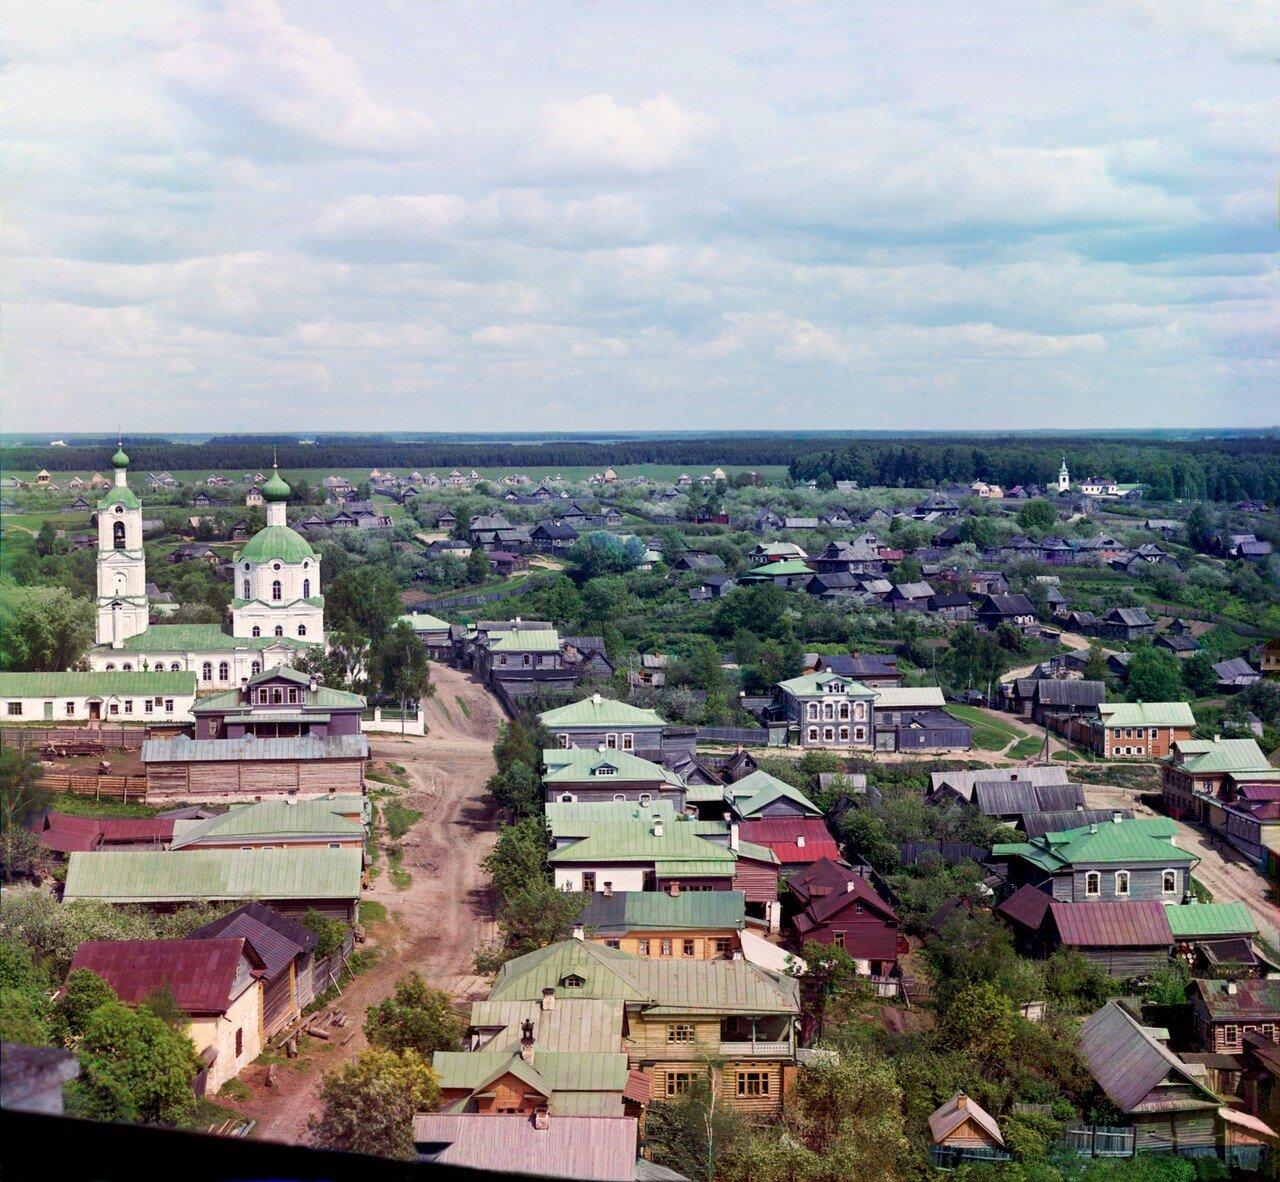 Князь-Федоровская сторона с церковью Покрова Пресвятой Богородицы